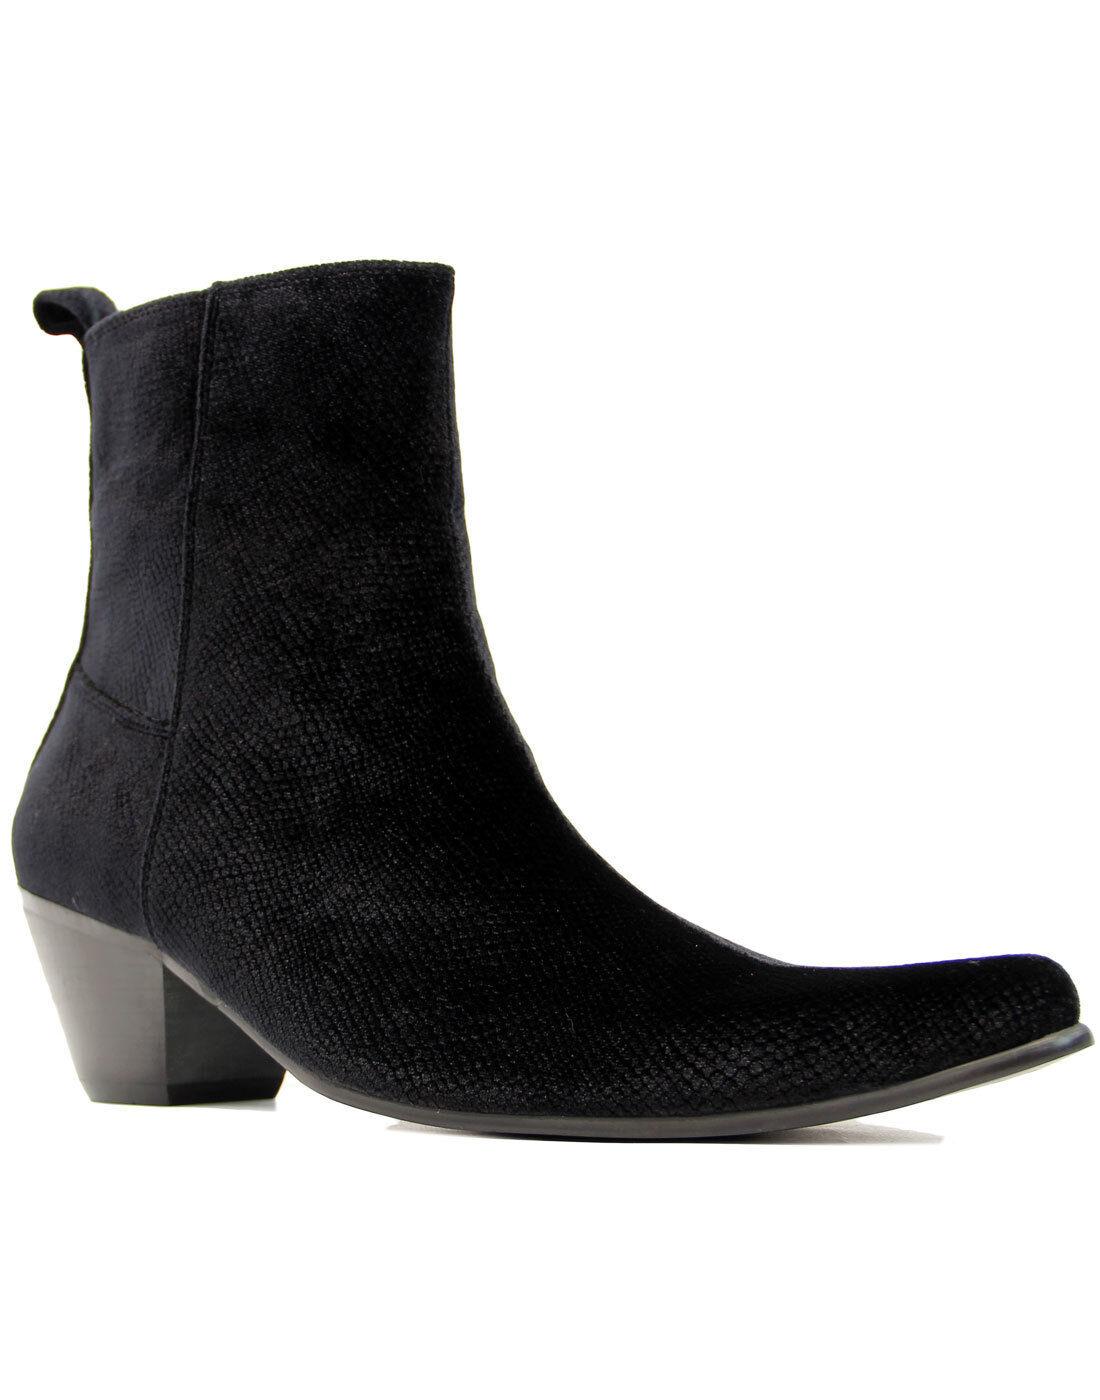 Homme durable Femme Adidas Campus BZ0085 Chaussures de sport durable Homme Prix de règleHommes t Mode dynamique f1a6f1